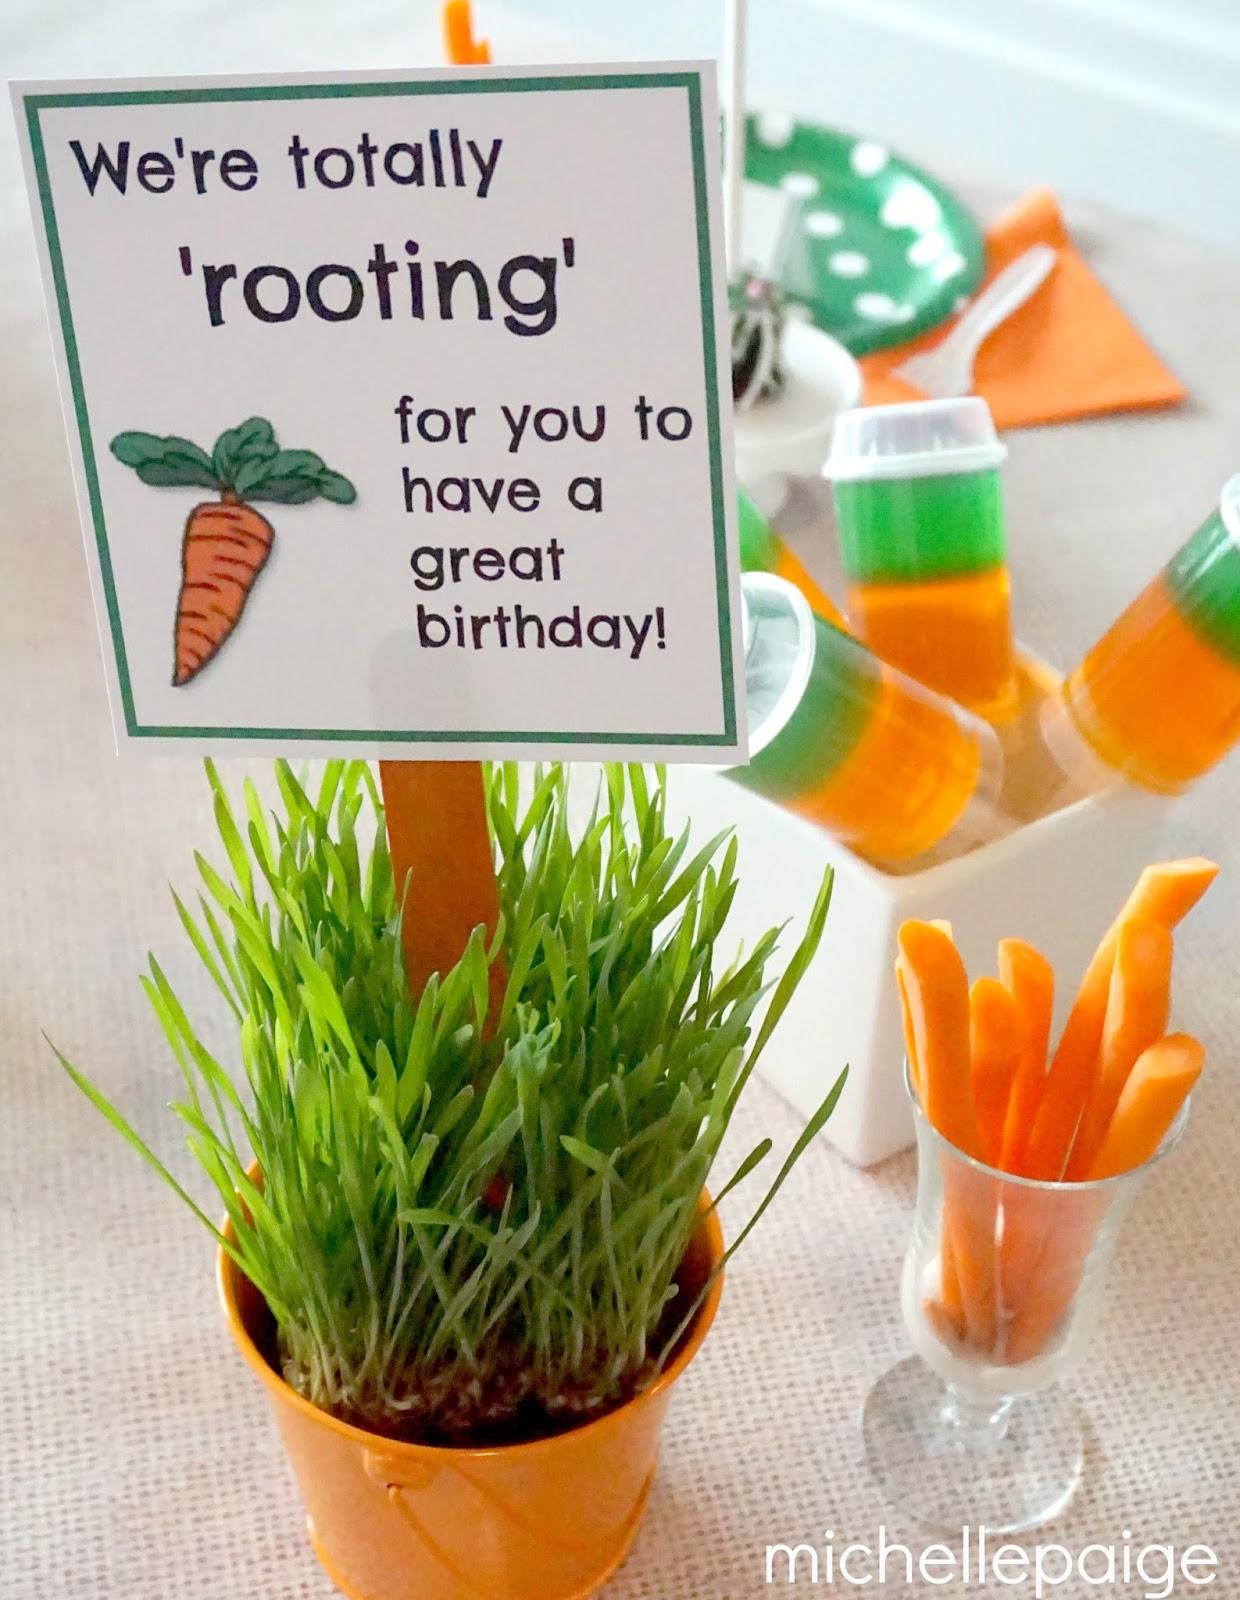 Sainsbury S Cake Decorations Mini Carrots : michelle paige blogs: Mini Easter Pails-- He has risen!